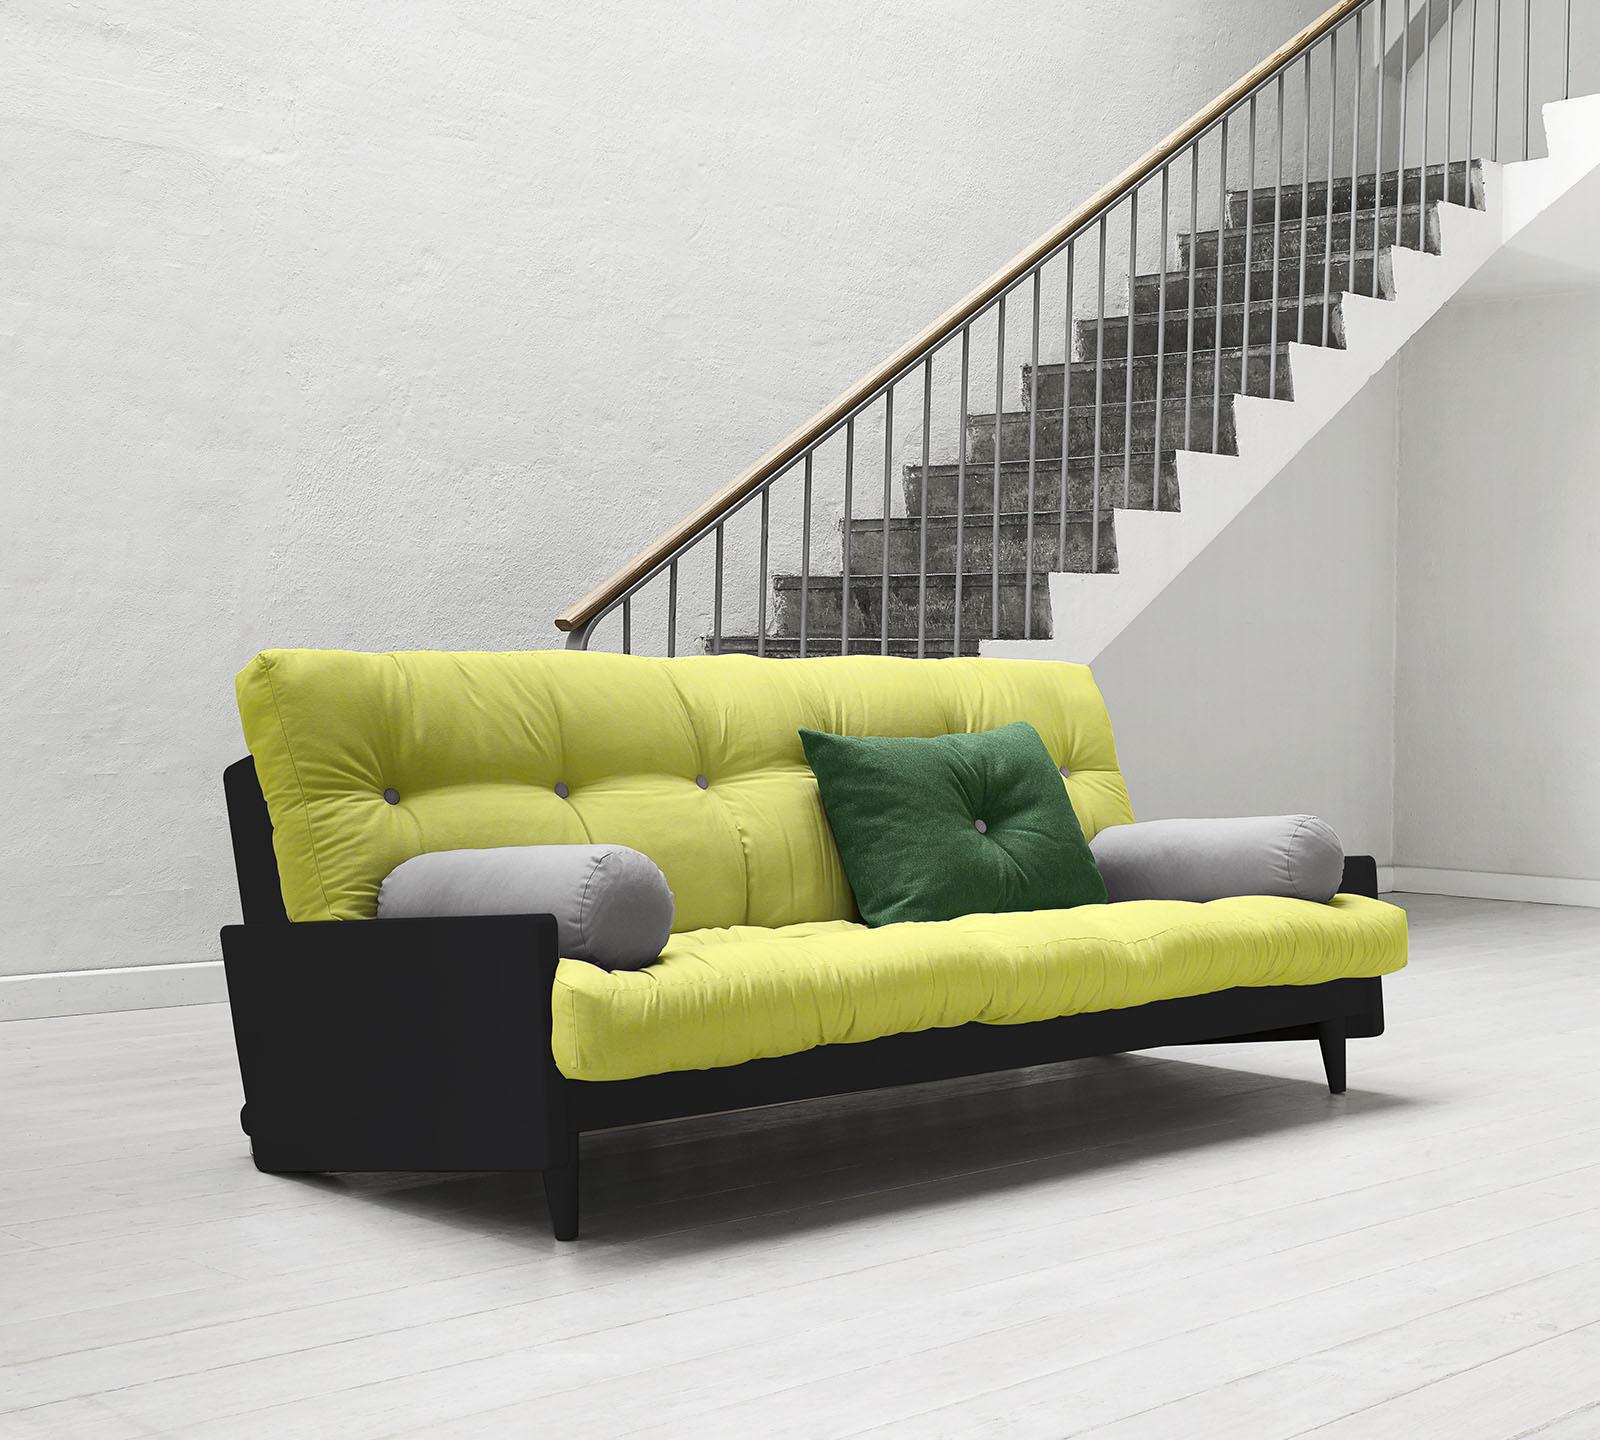 Divano letto indie di karup pistacchio con struttura nera for Struttura letto divano